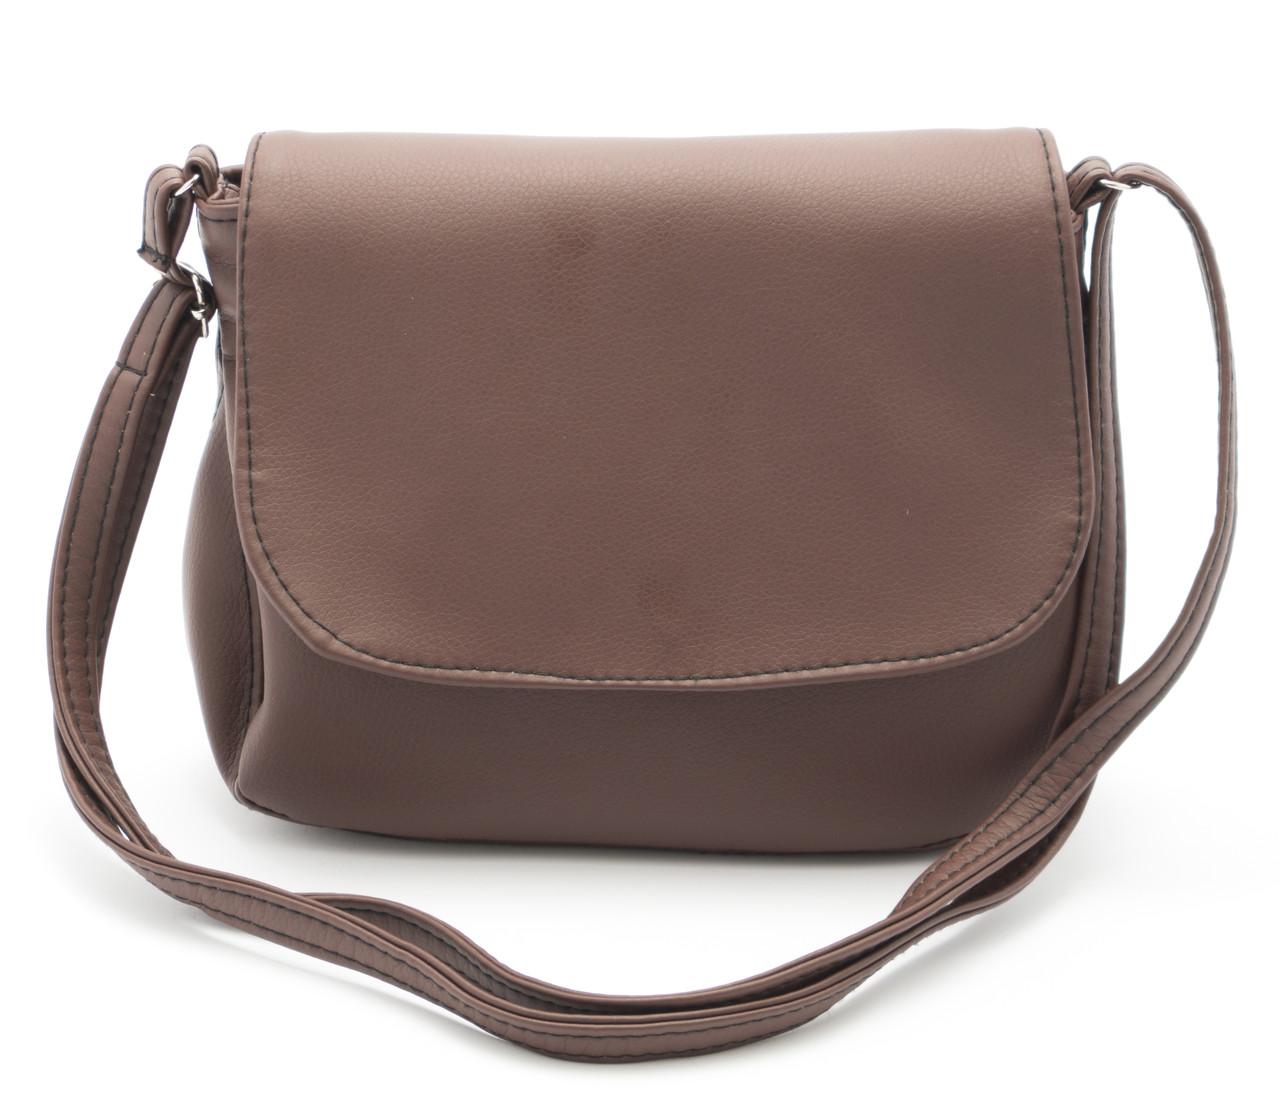 Аккуратная женская коричневая сумка почтальонка Габриэлла art. Sg Украина